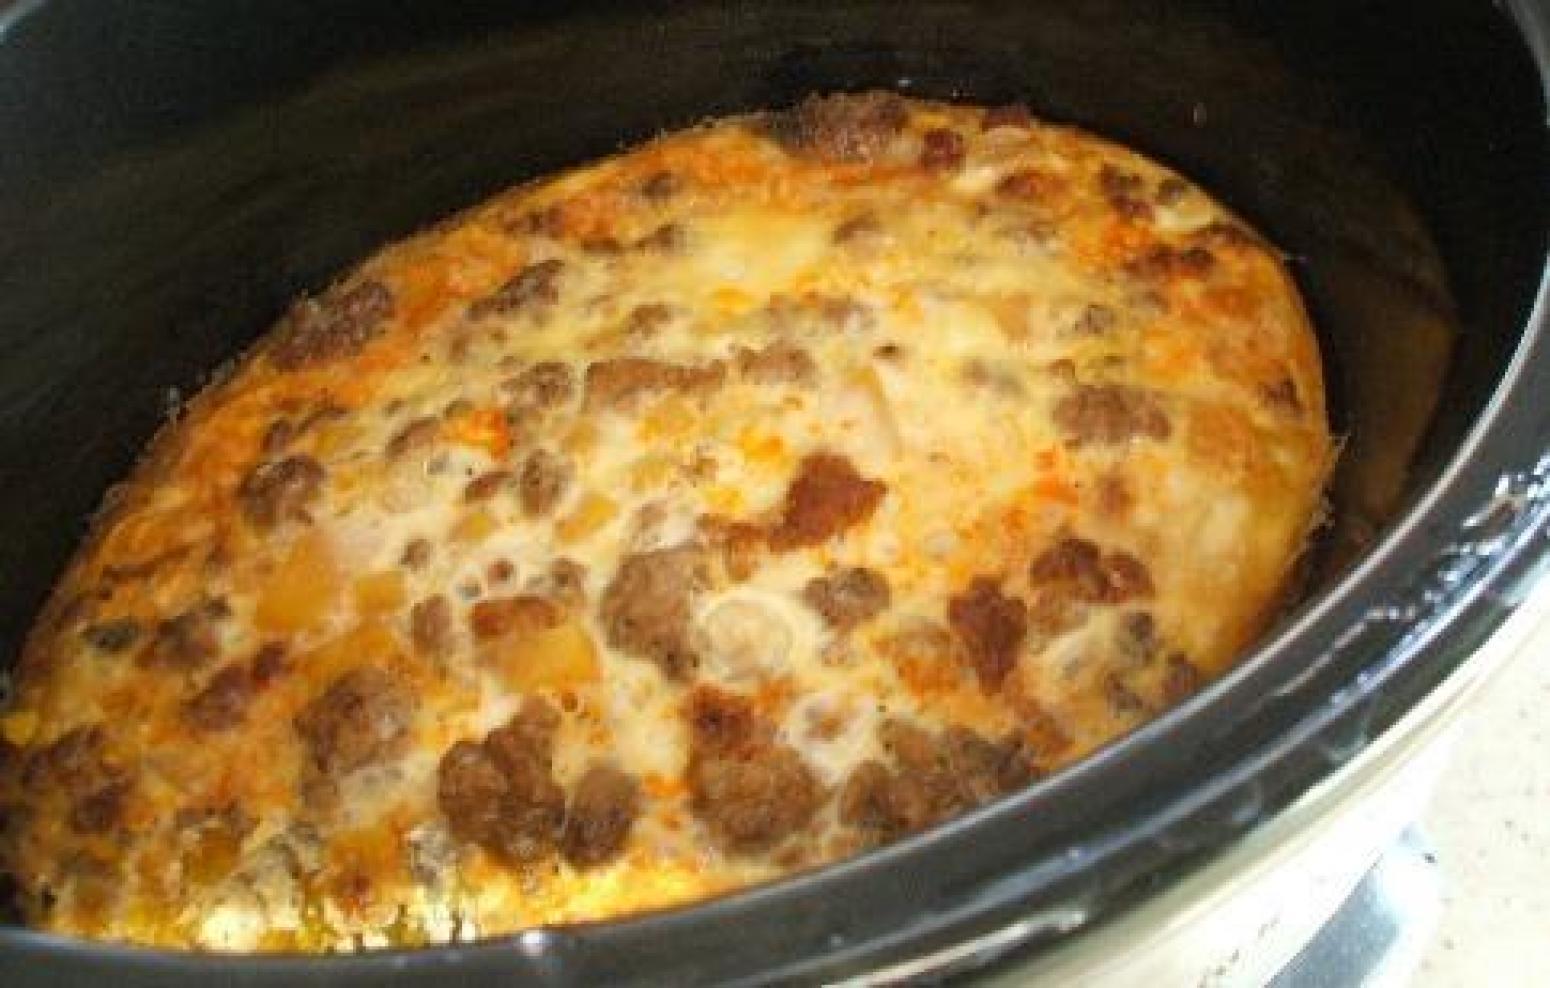 Crockpot breakfast recipe just a pinch recipes for Crockpot breakfast casserole recipes